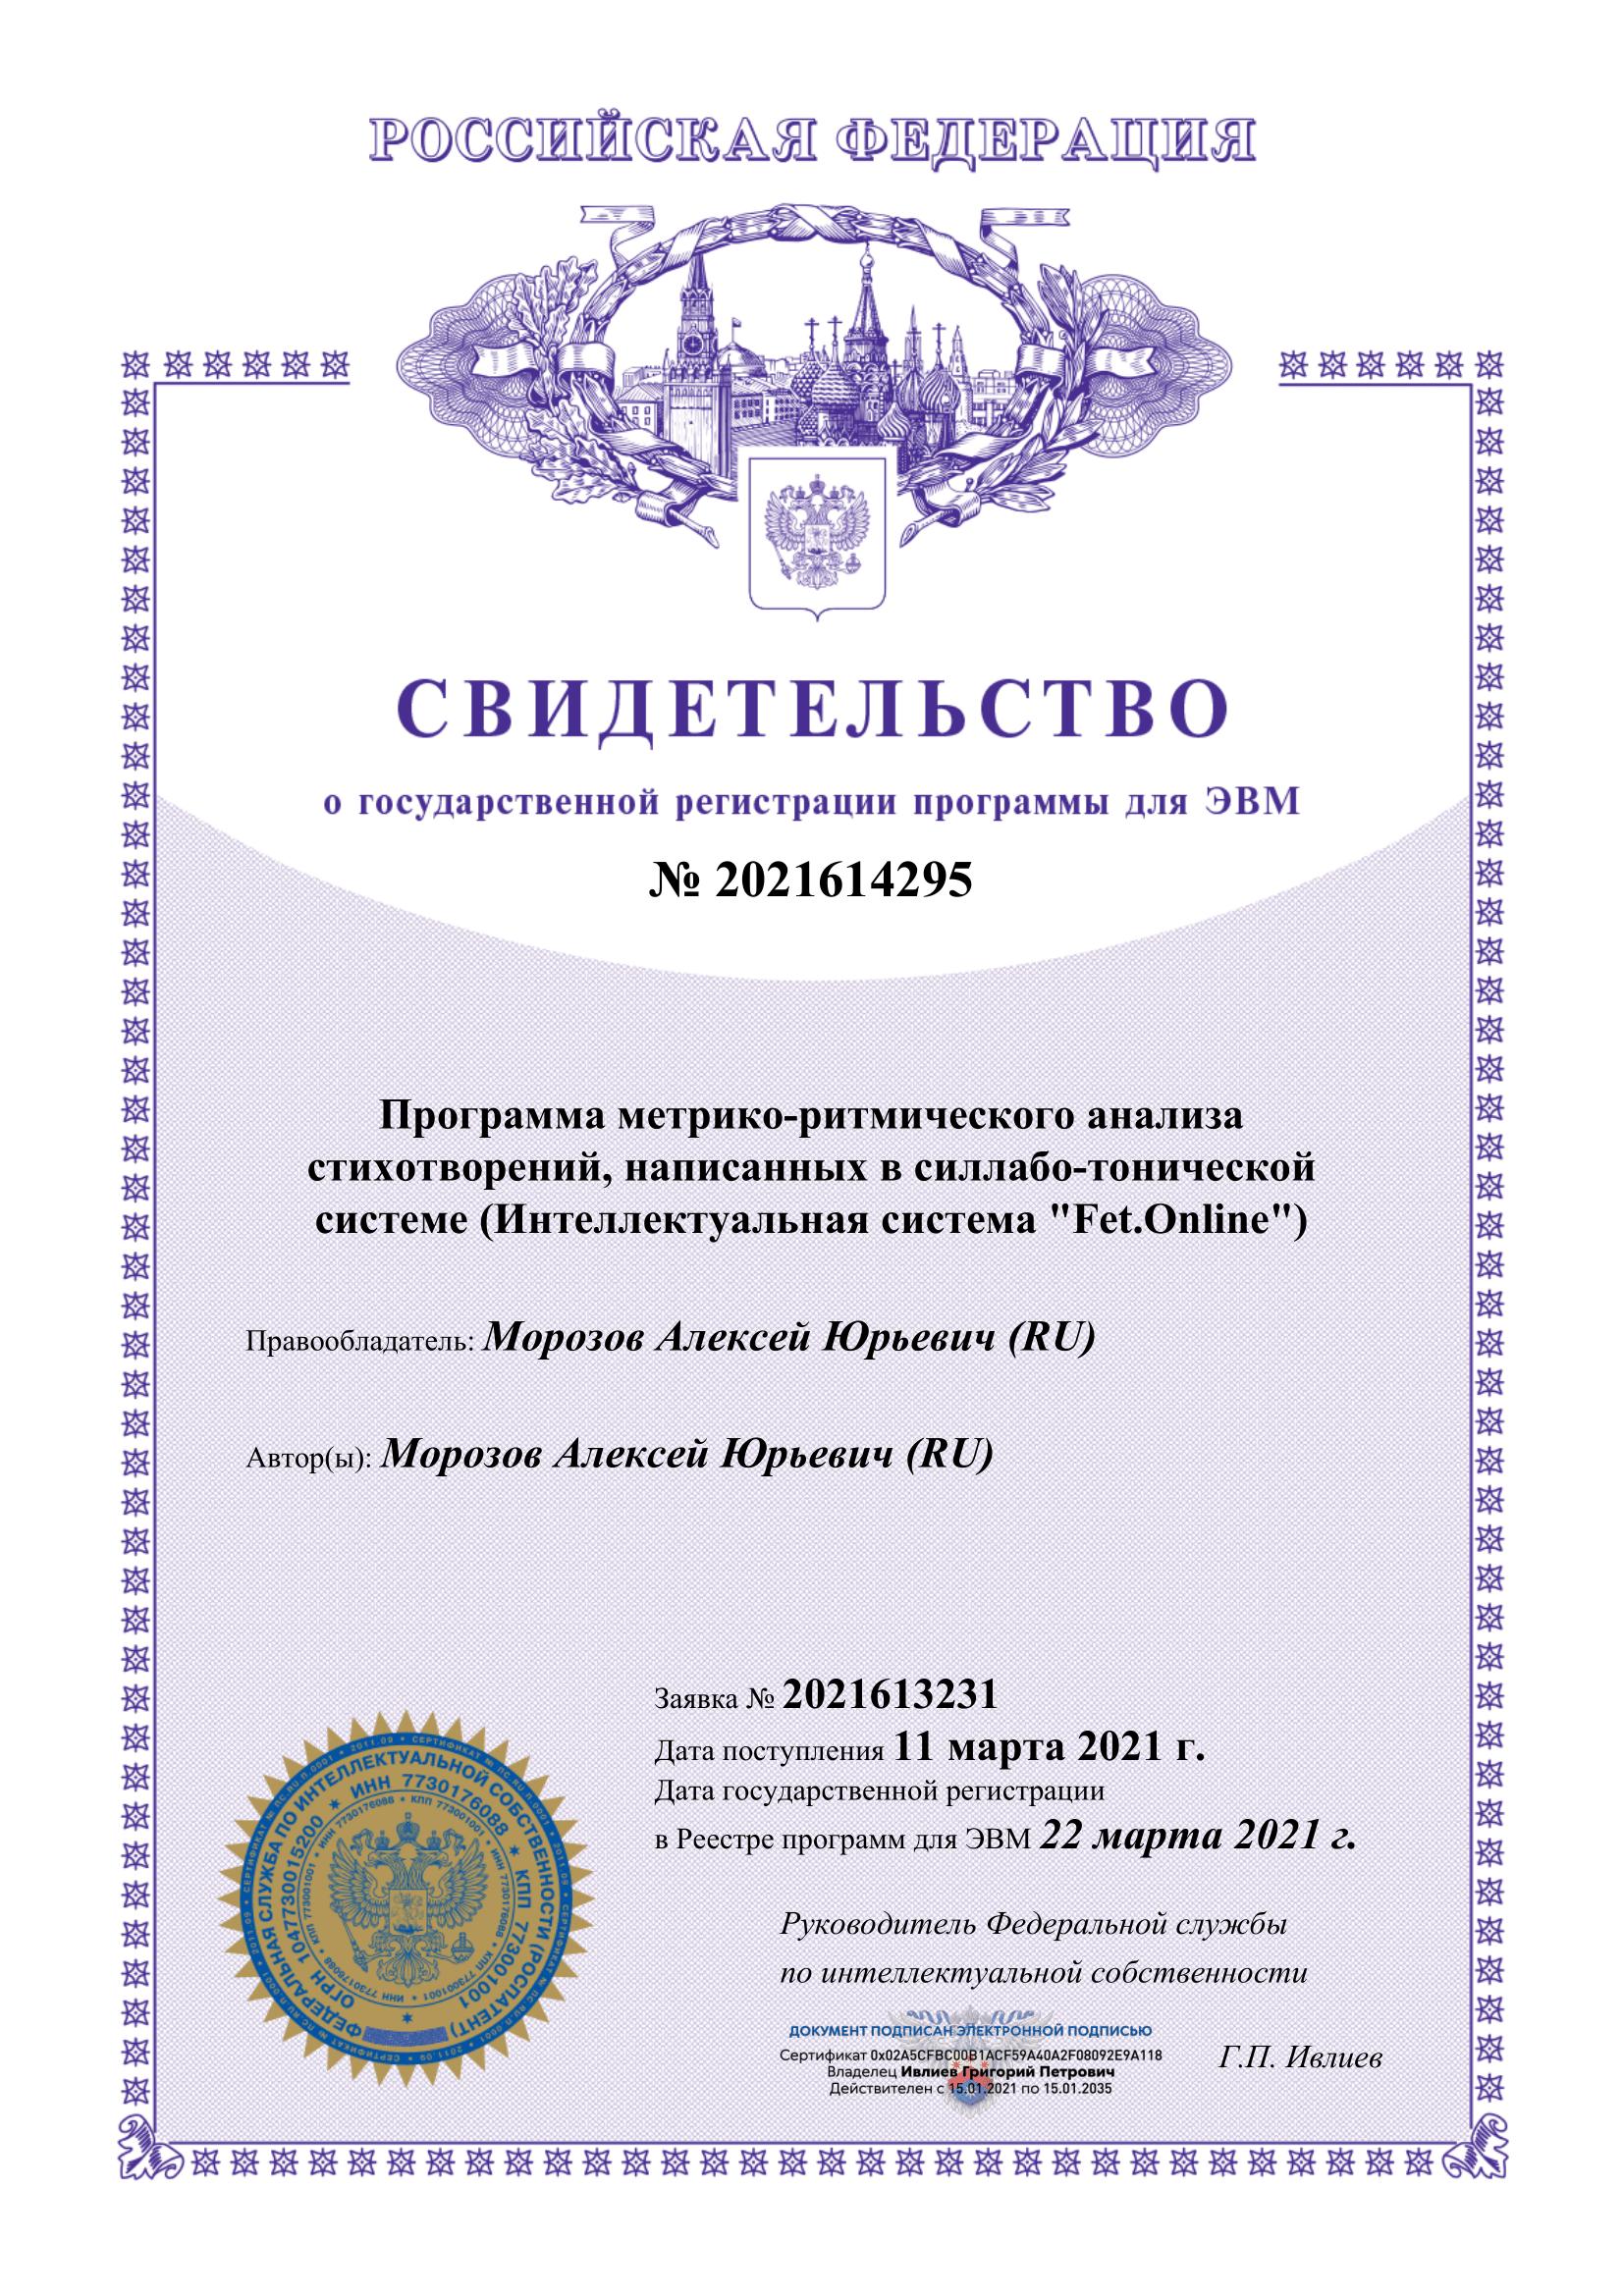 Свидетельство Роспатента на Интеллектуальную систему метрико-ритмического анализа стихотворений «Fet.Online»